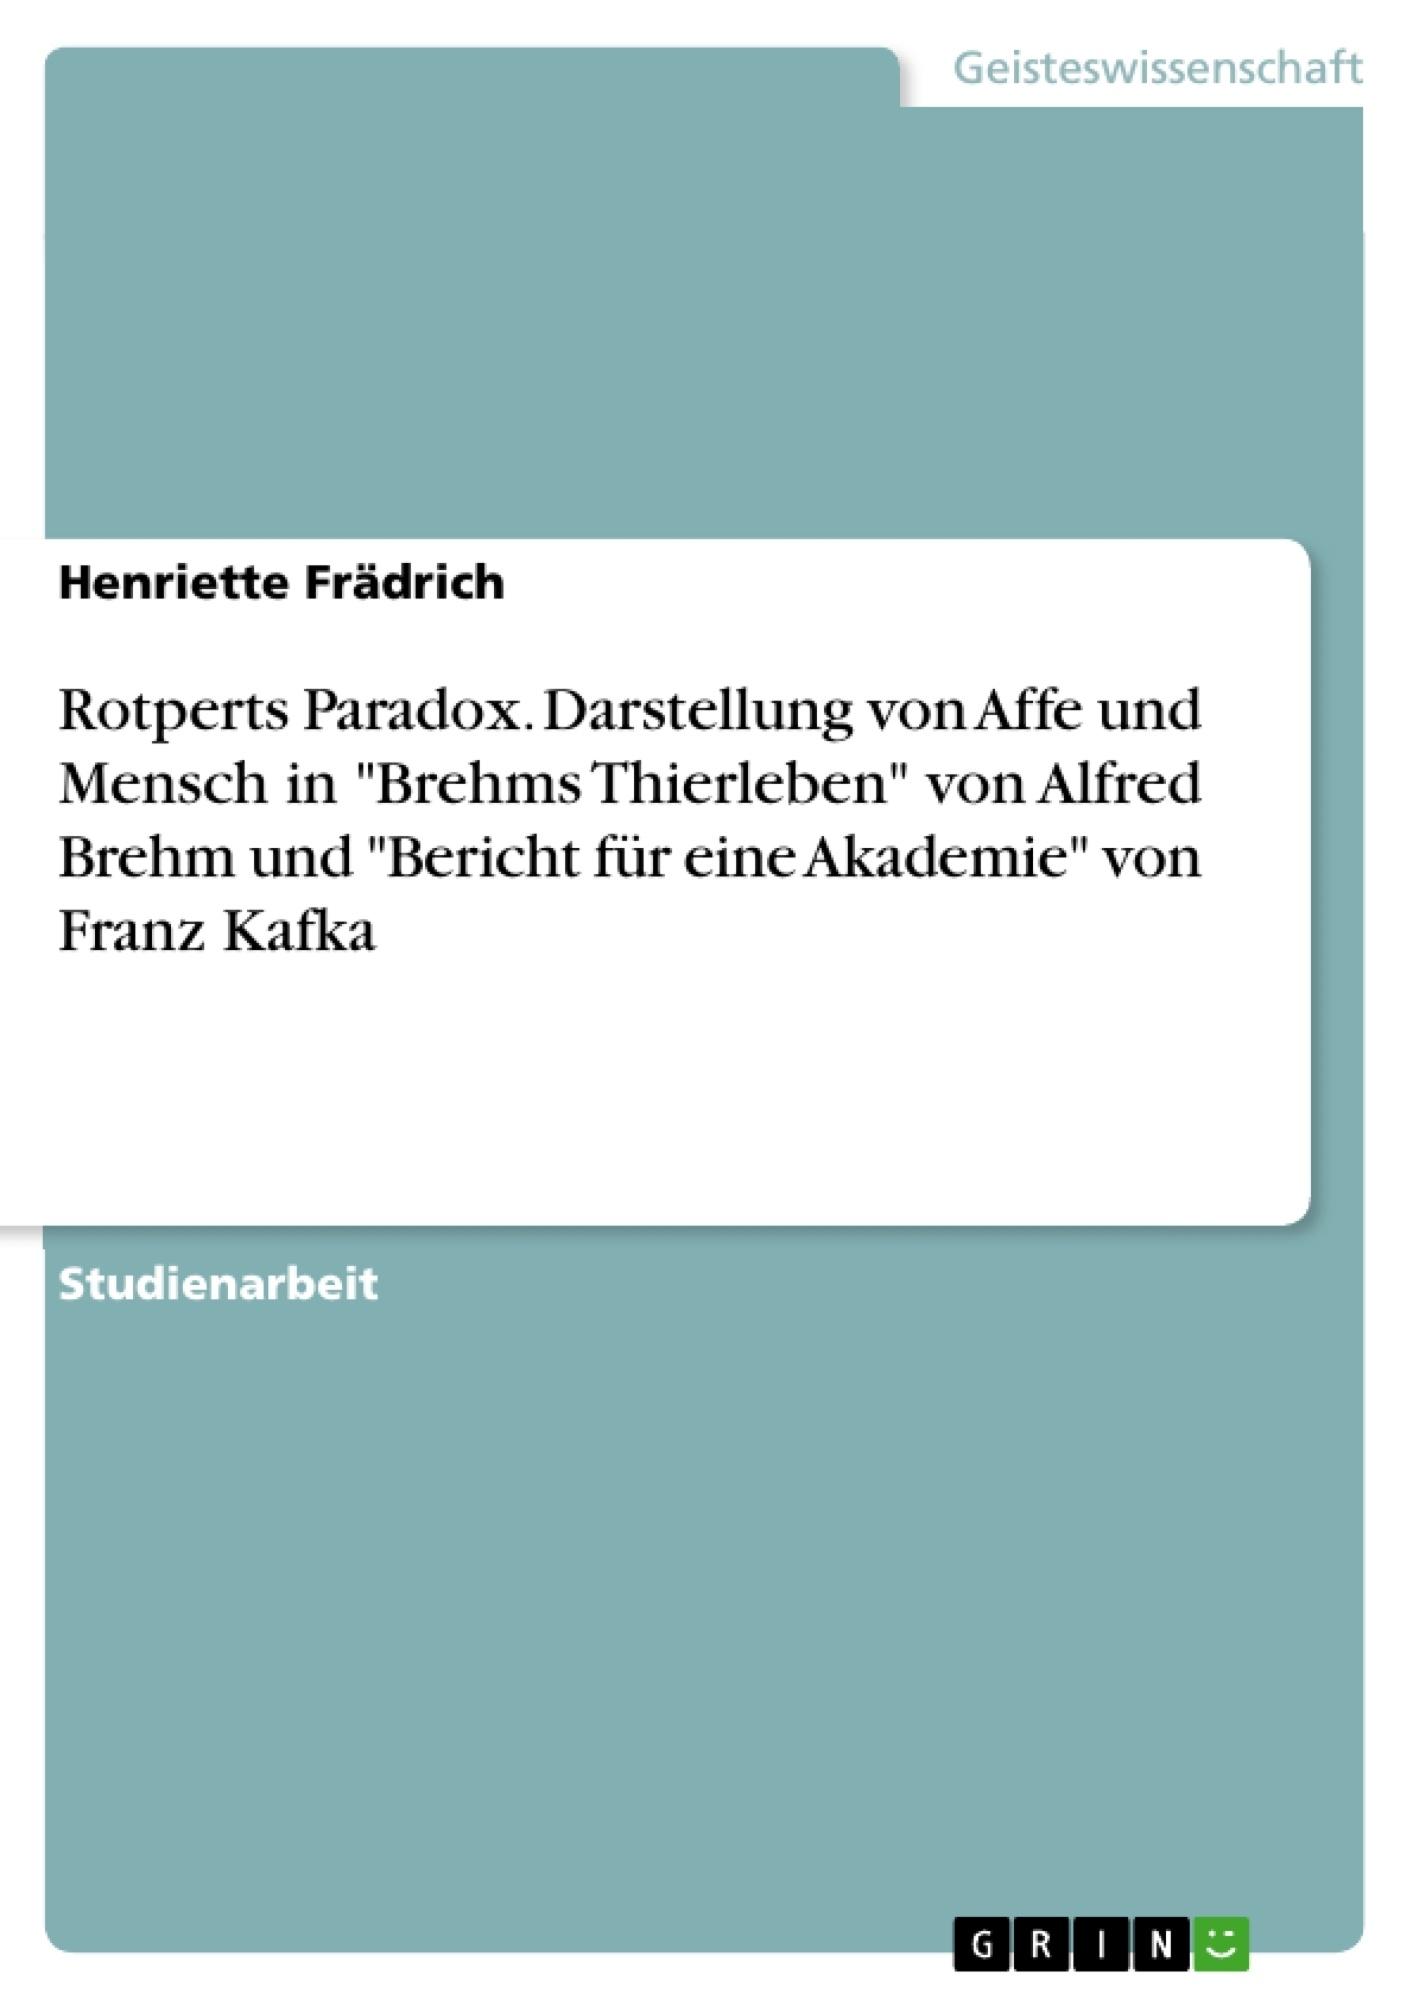 """Titel: Rotperts Paradox. Darstellung von Affe und Mensch in """"Brehms Thierleben"""" von Alfred Brehm und """"Bericht für eine Akademie"""" von Franz Kafka"""